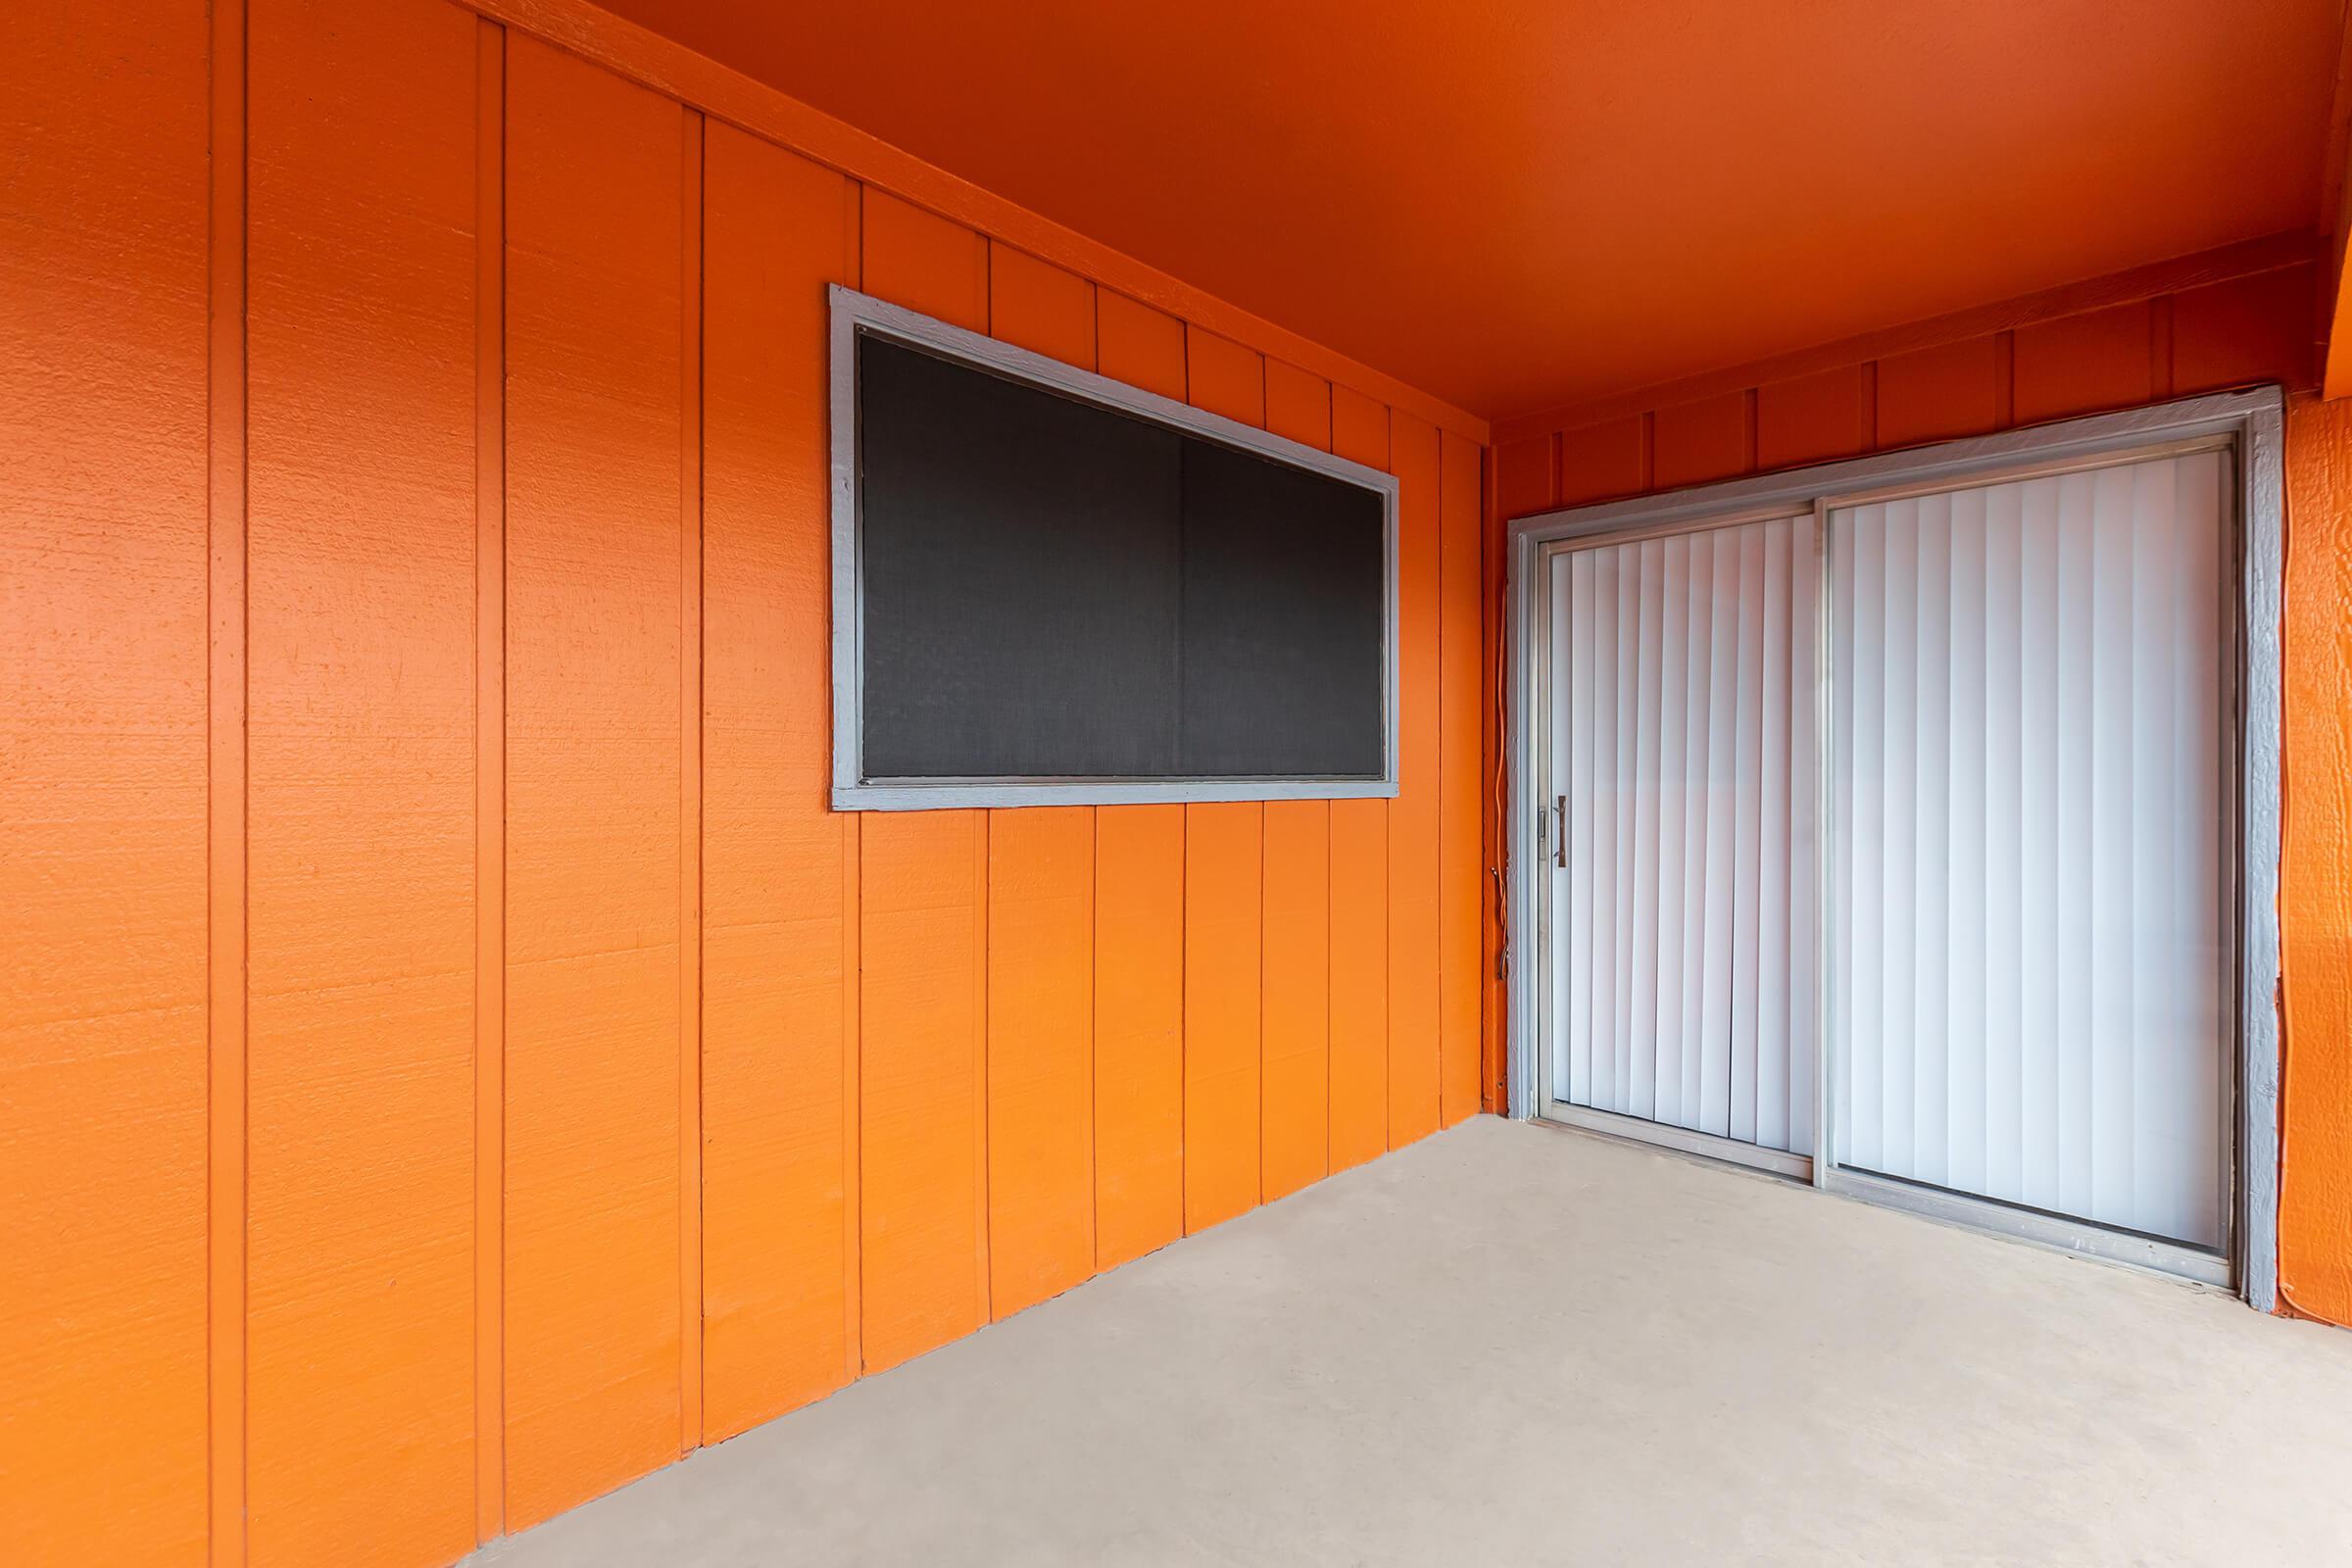 a close up of an orange door